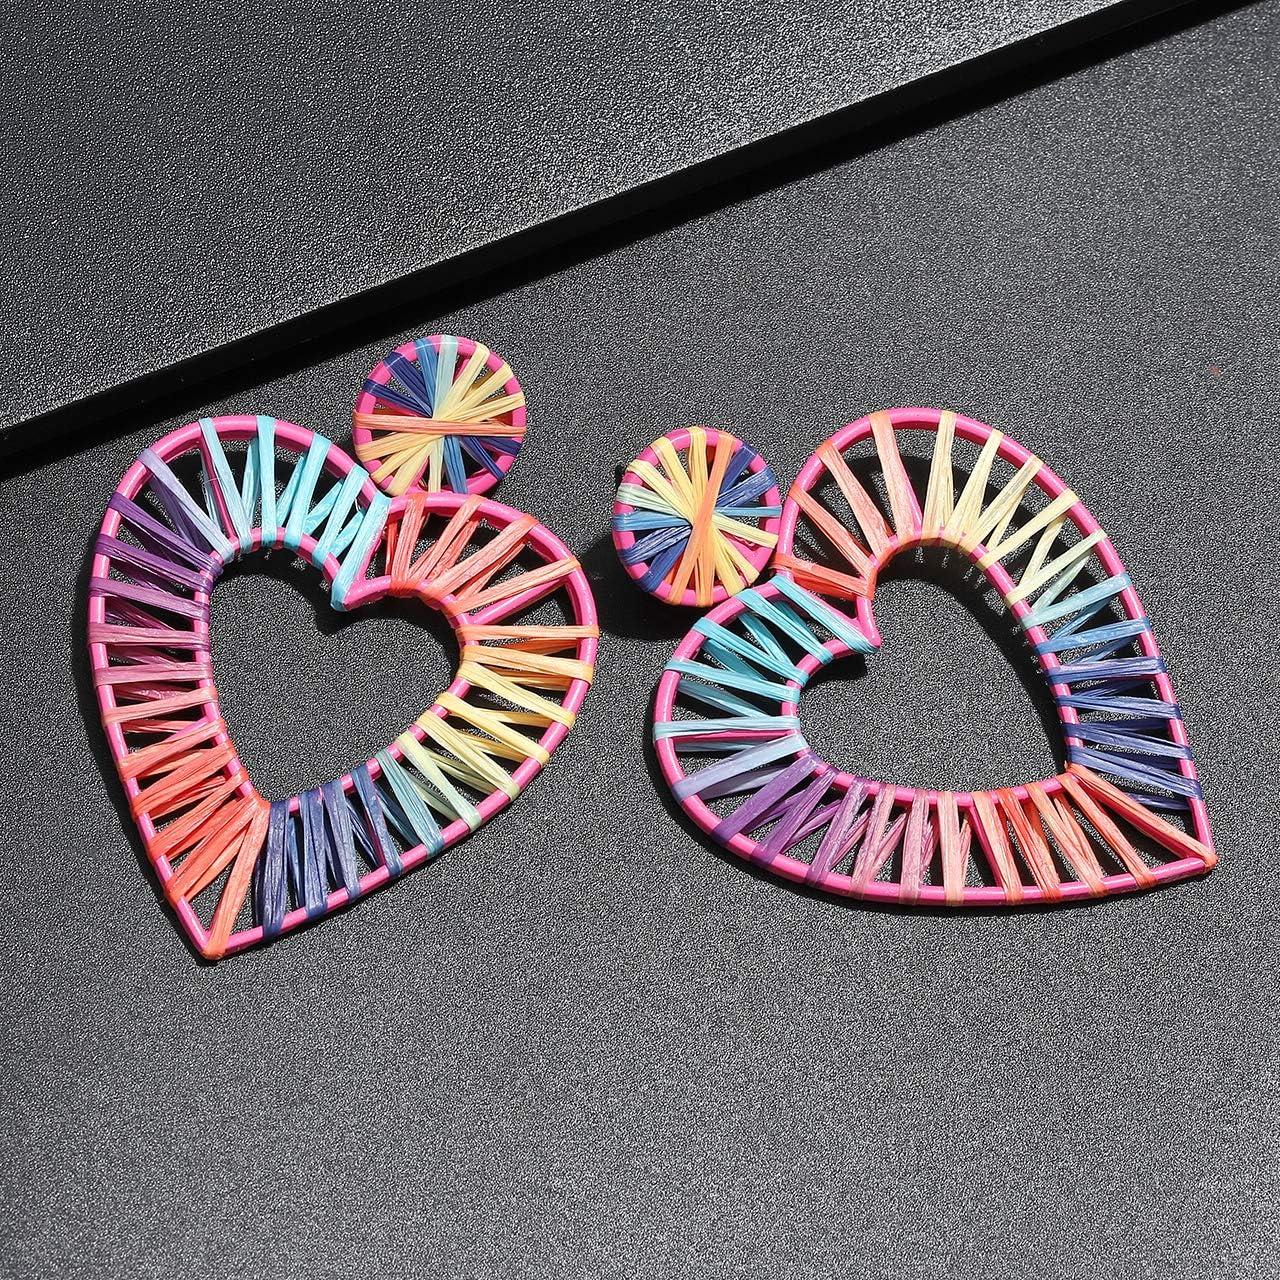 CEALXHENY Raffia Drop Earrings Weave Straw Raffia Hoop Earrings Lightweight Statement Rainbow Dangle Earring for Women Girls